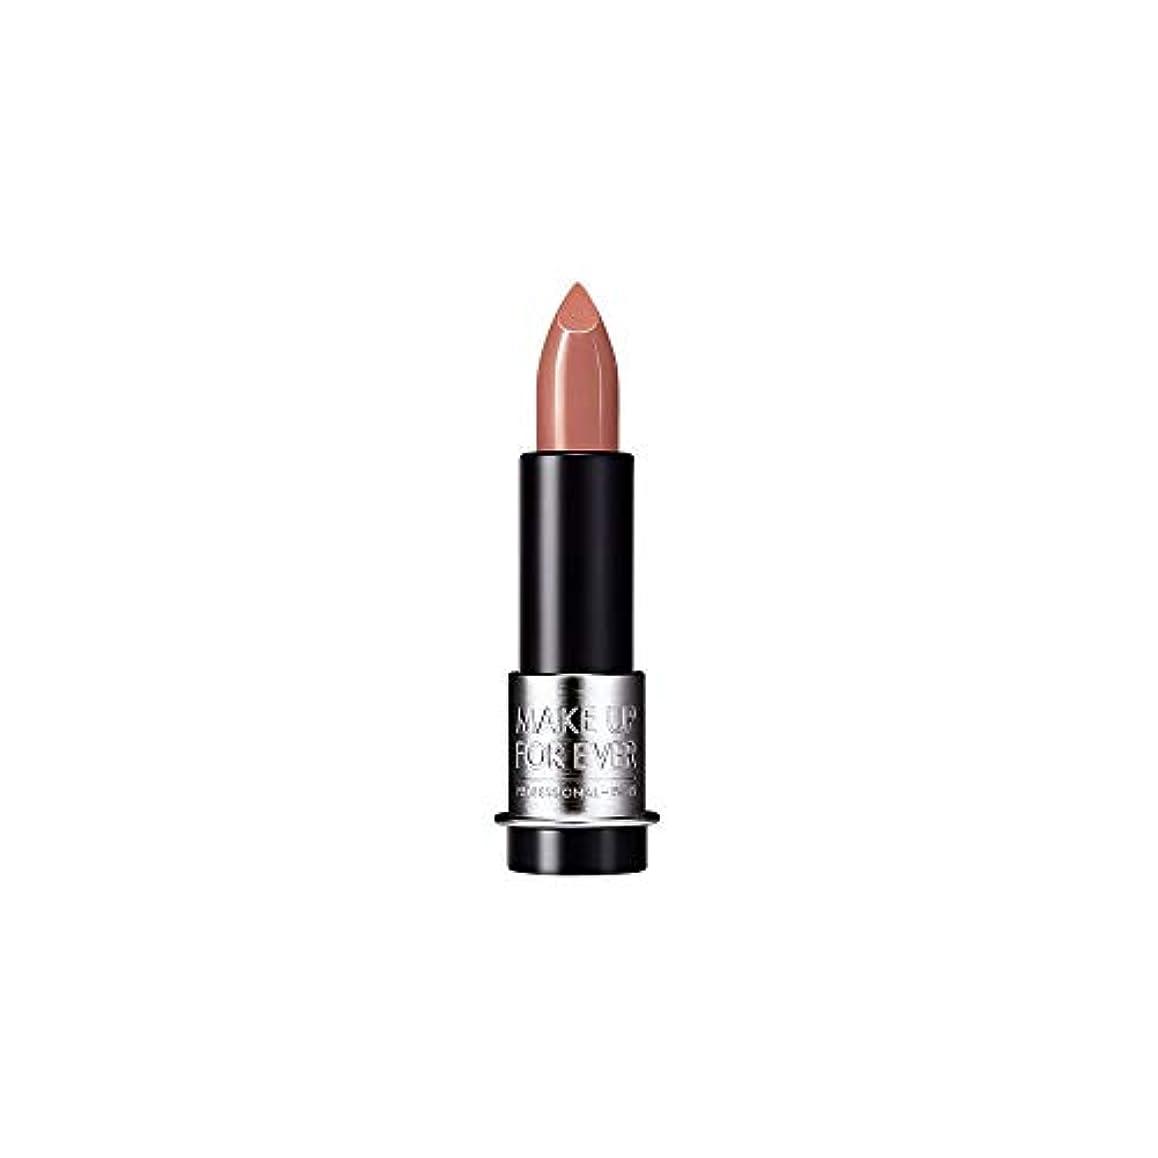 ギネスセーブゴシップ[MAKE UP FOR EVER] これまでアーティストルージュマット口紅3.5グラムのM100を補う - クリームベージュ - MAKE UP FOR EVER Artist Rouge Mat Lipstick 3.5g...